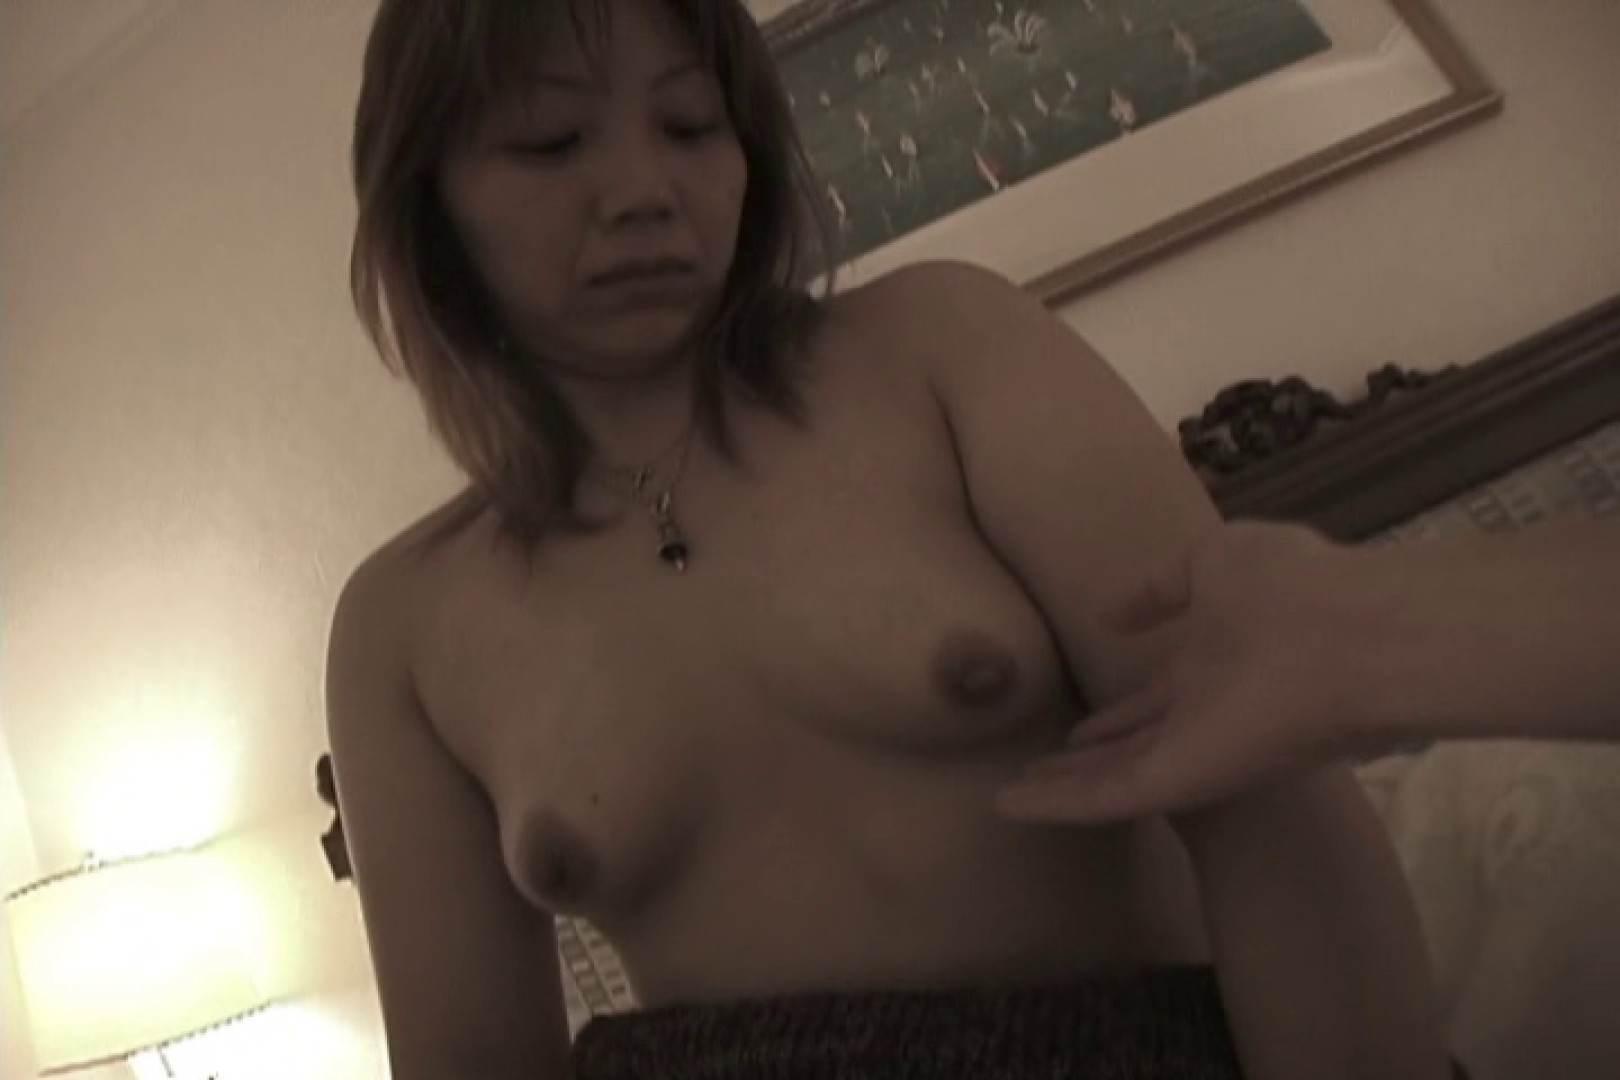 ツンデレ素人嬢もチンポには弱い~増田あけみ~ 0  75連発 40